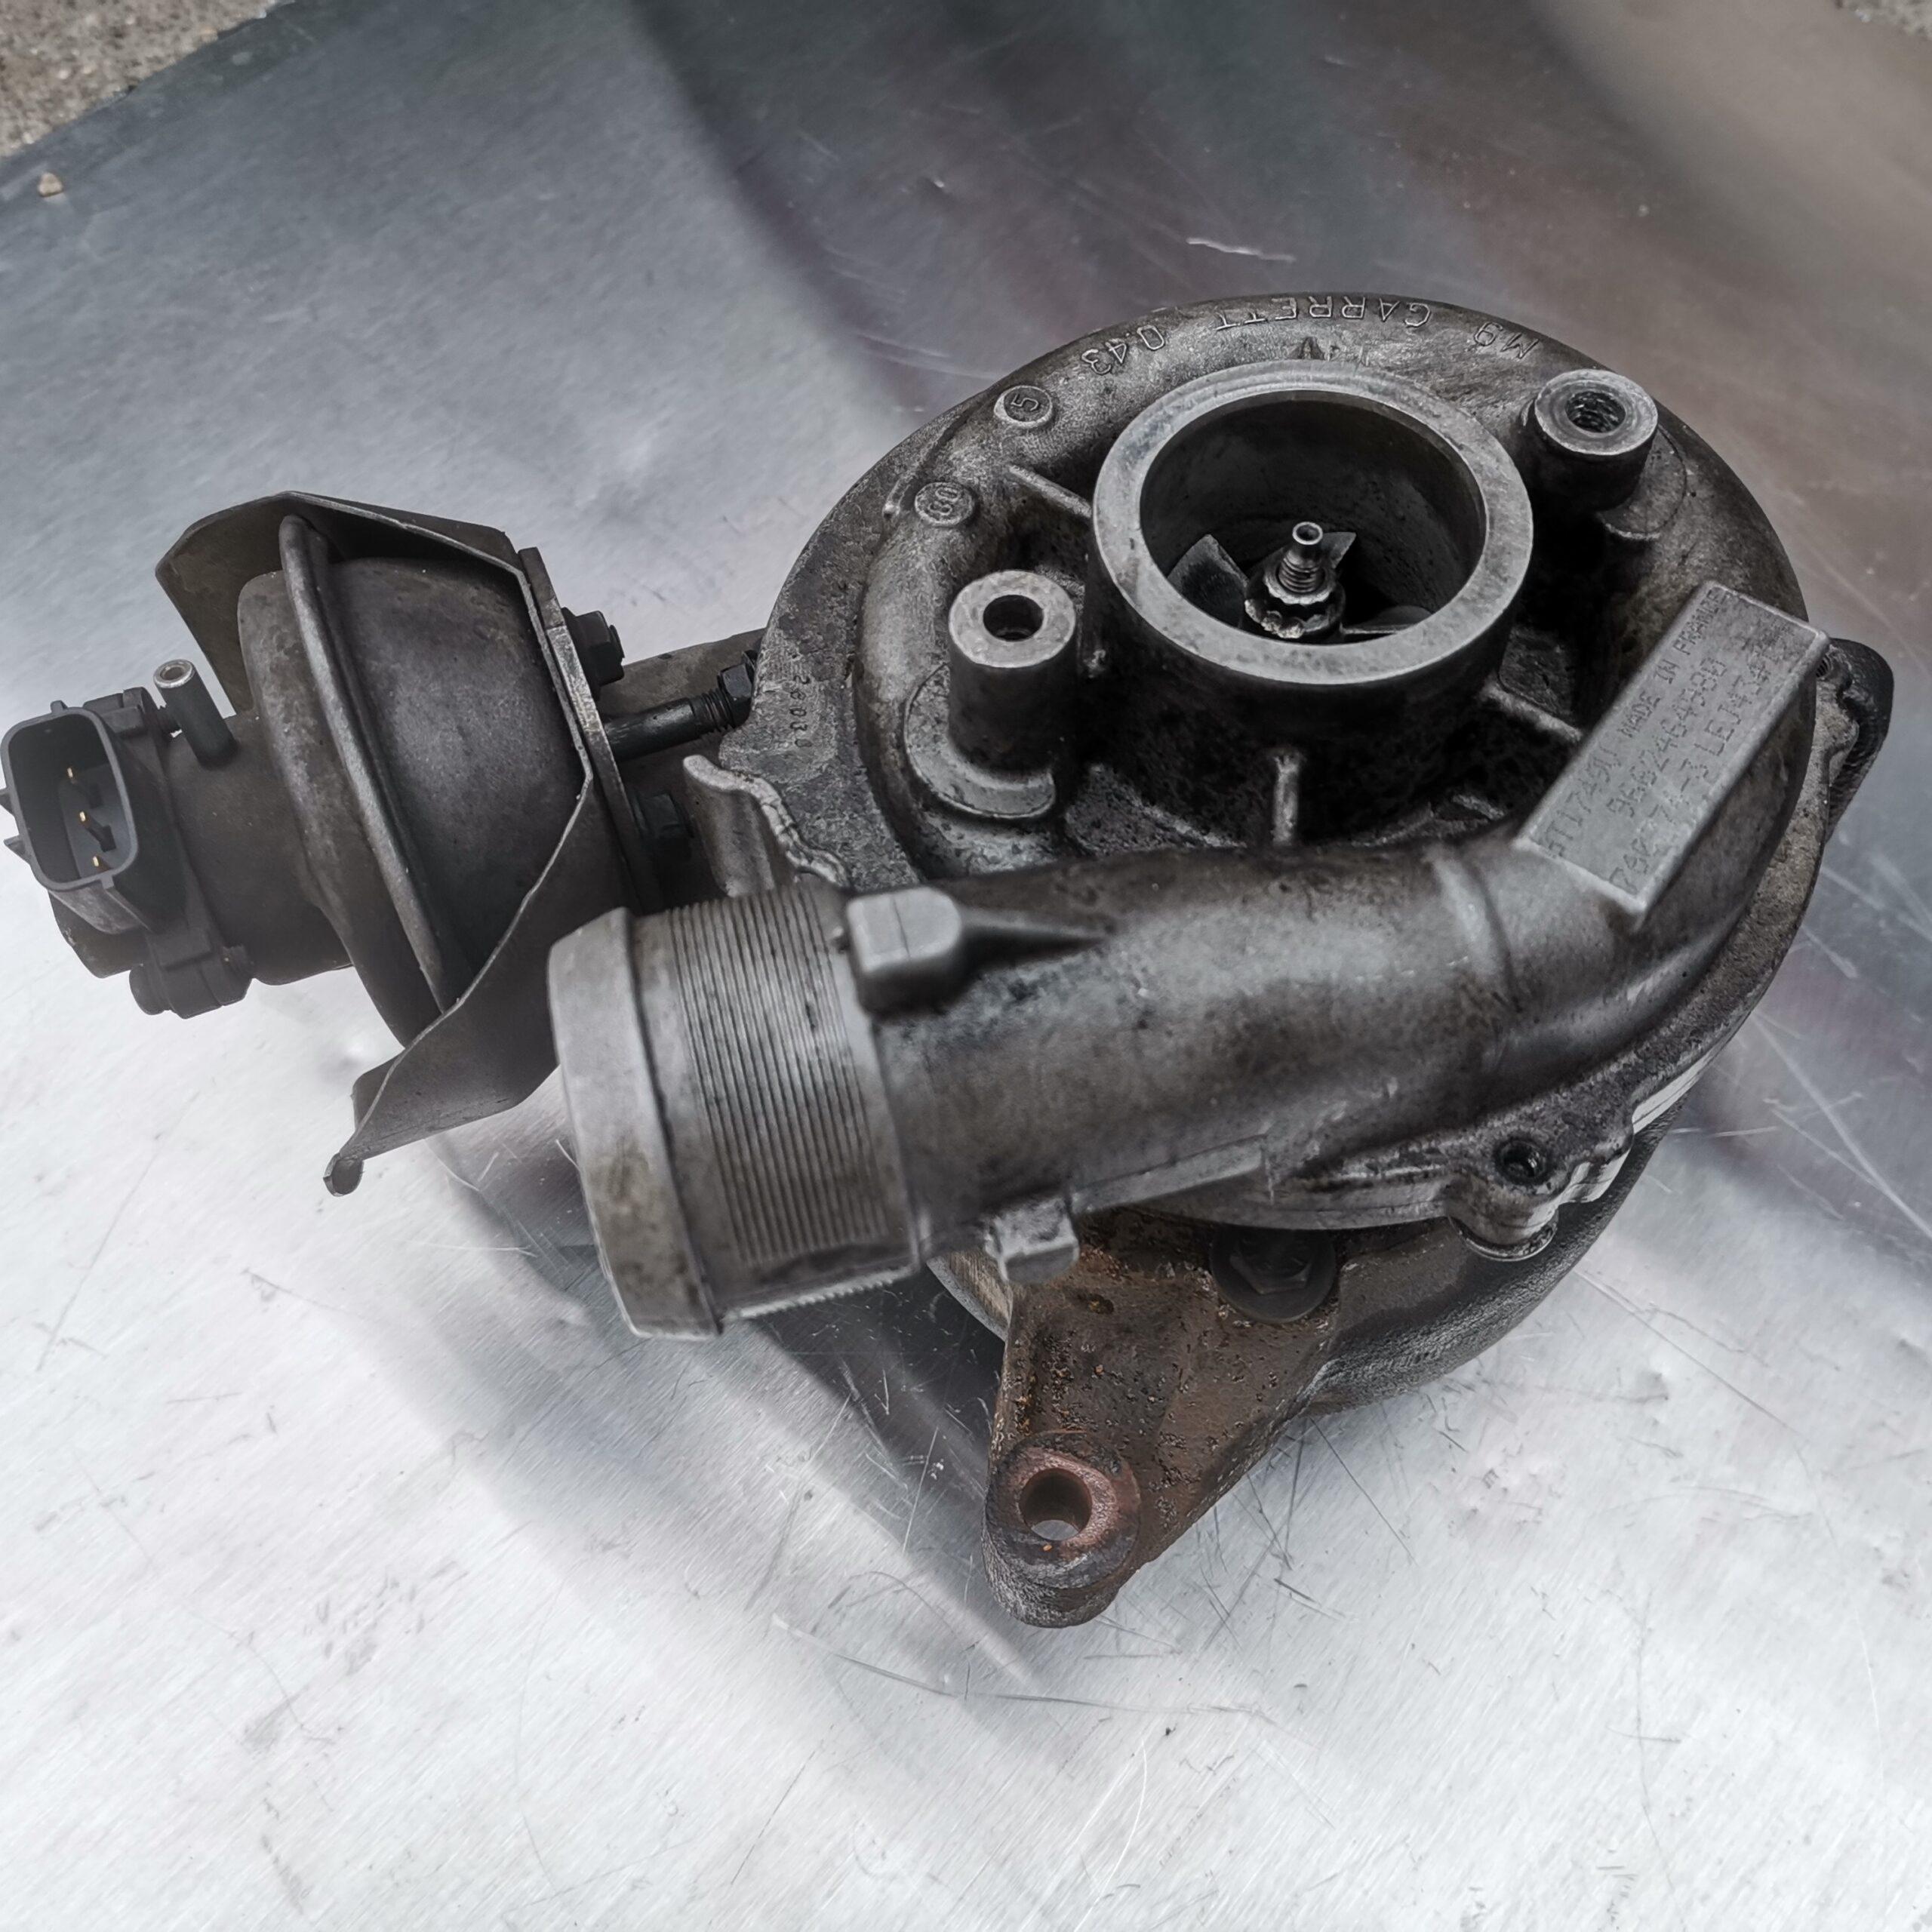 Турбина Ford Mondeo 2.0 tdci перед реставрацией